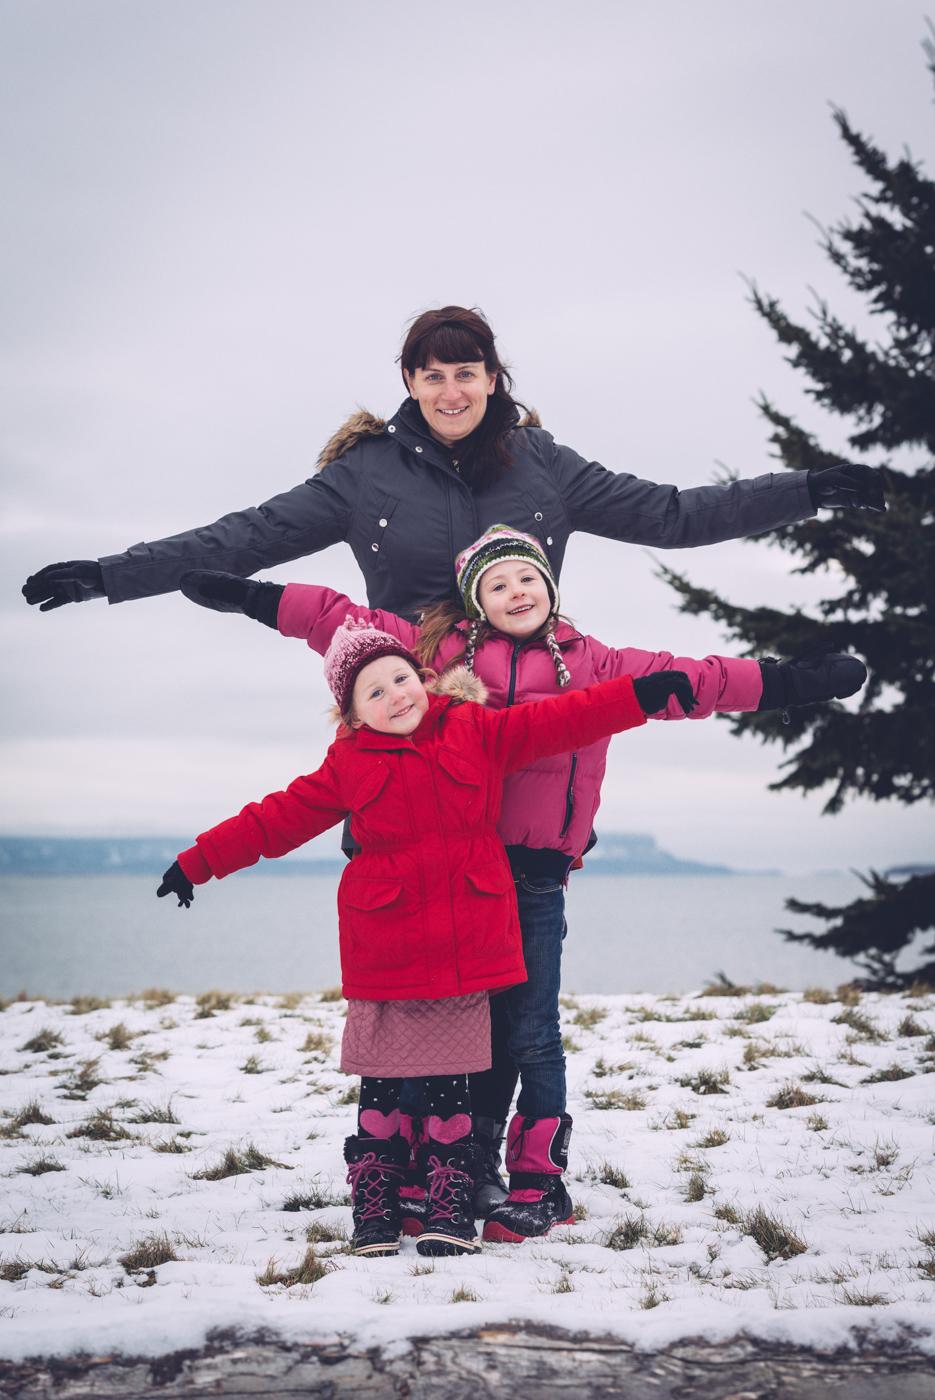 jason_family_portraits_blog18.jpg